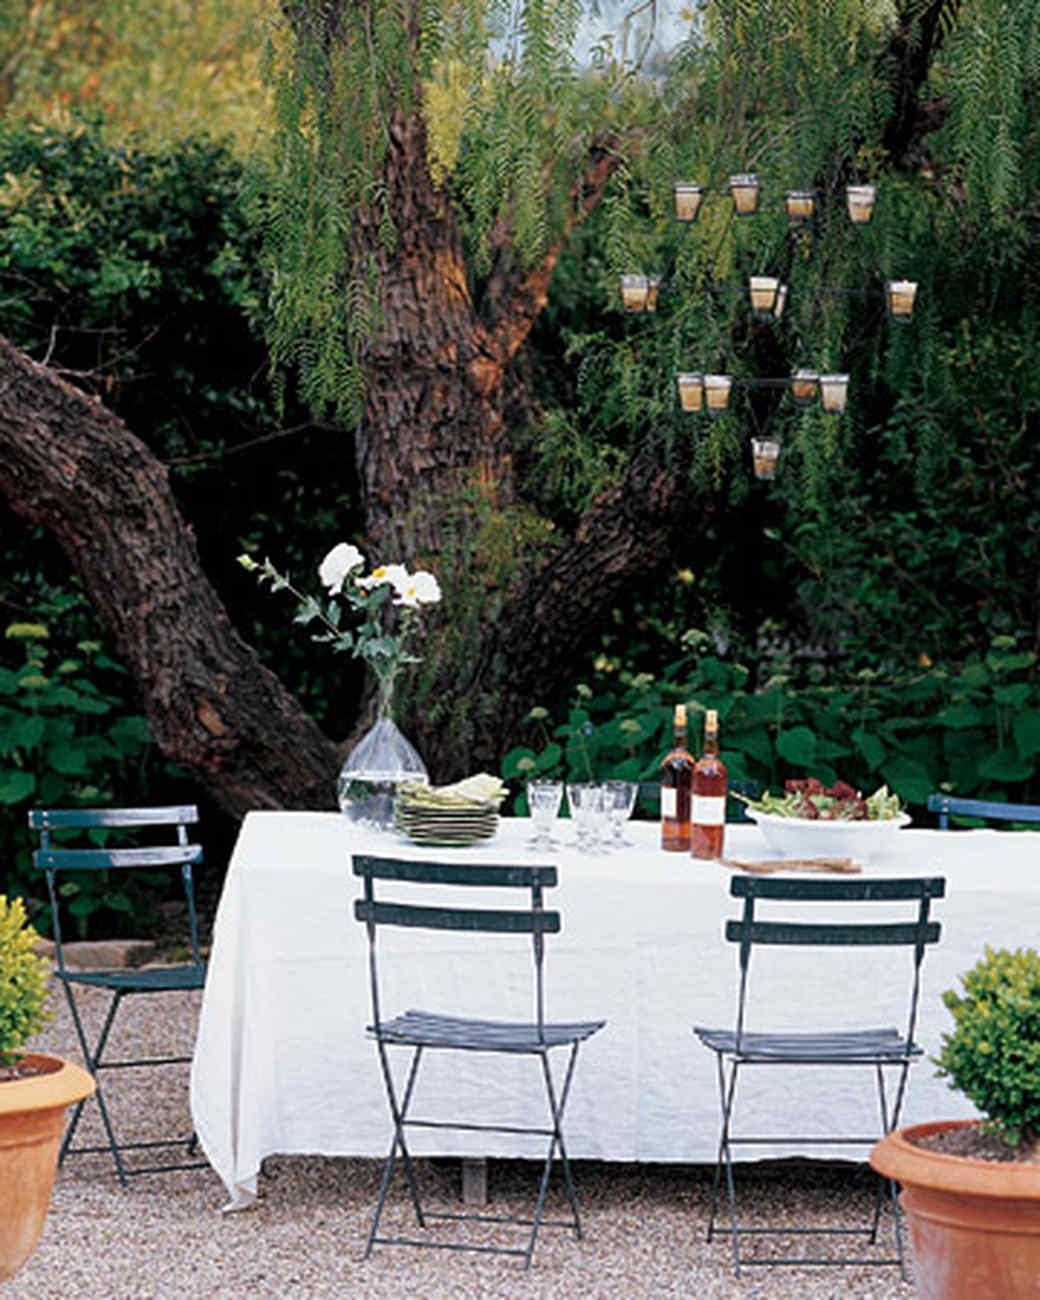 mla101559_0905_garden.jpg